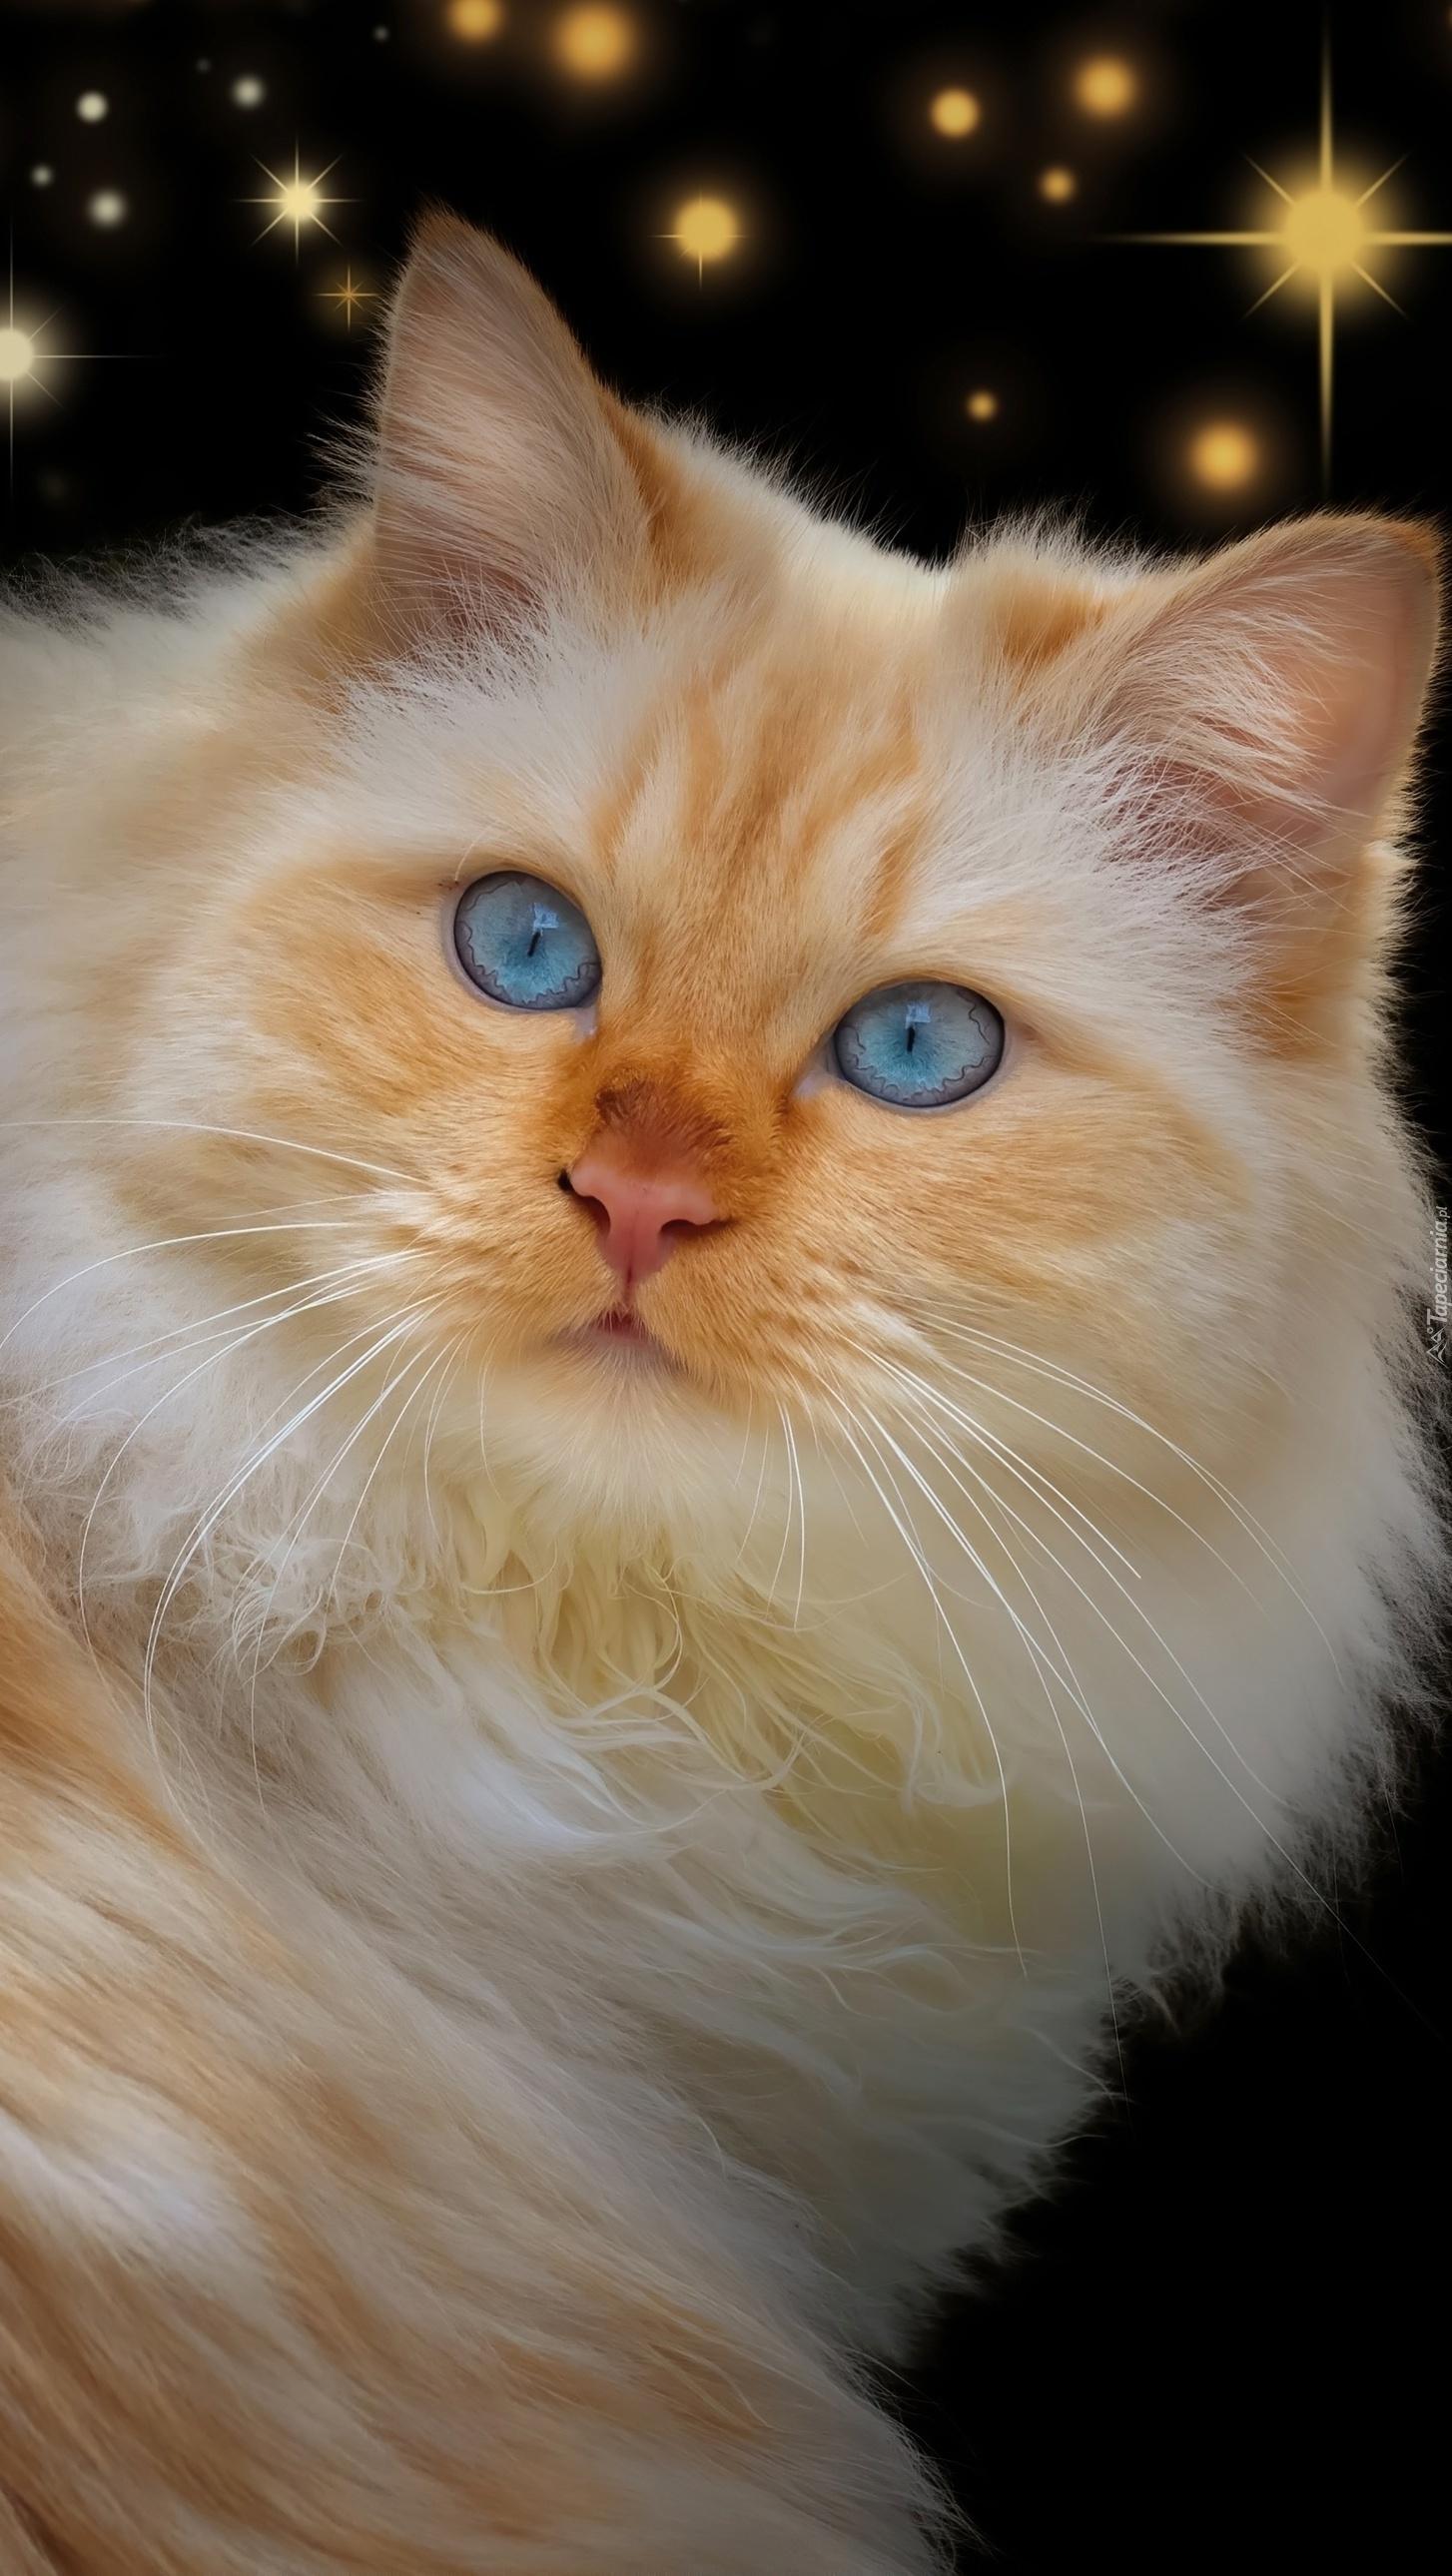 Rudy kotek z niebieskimi oczami